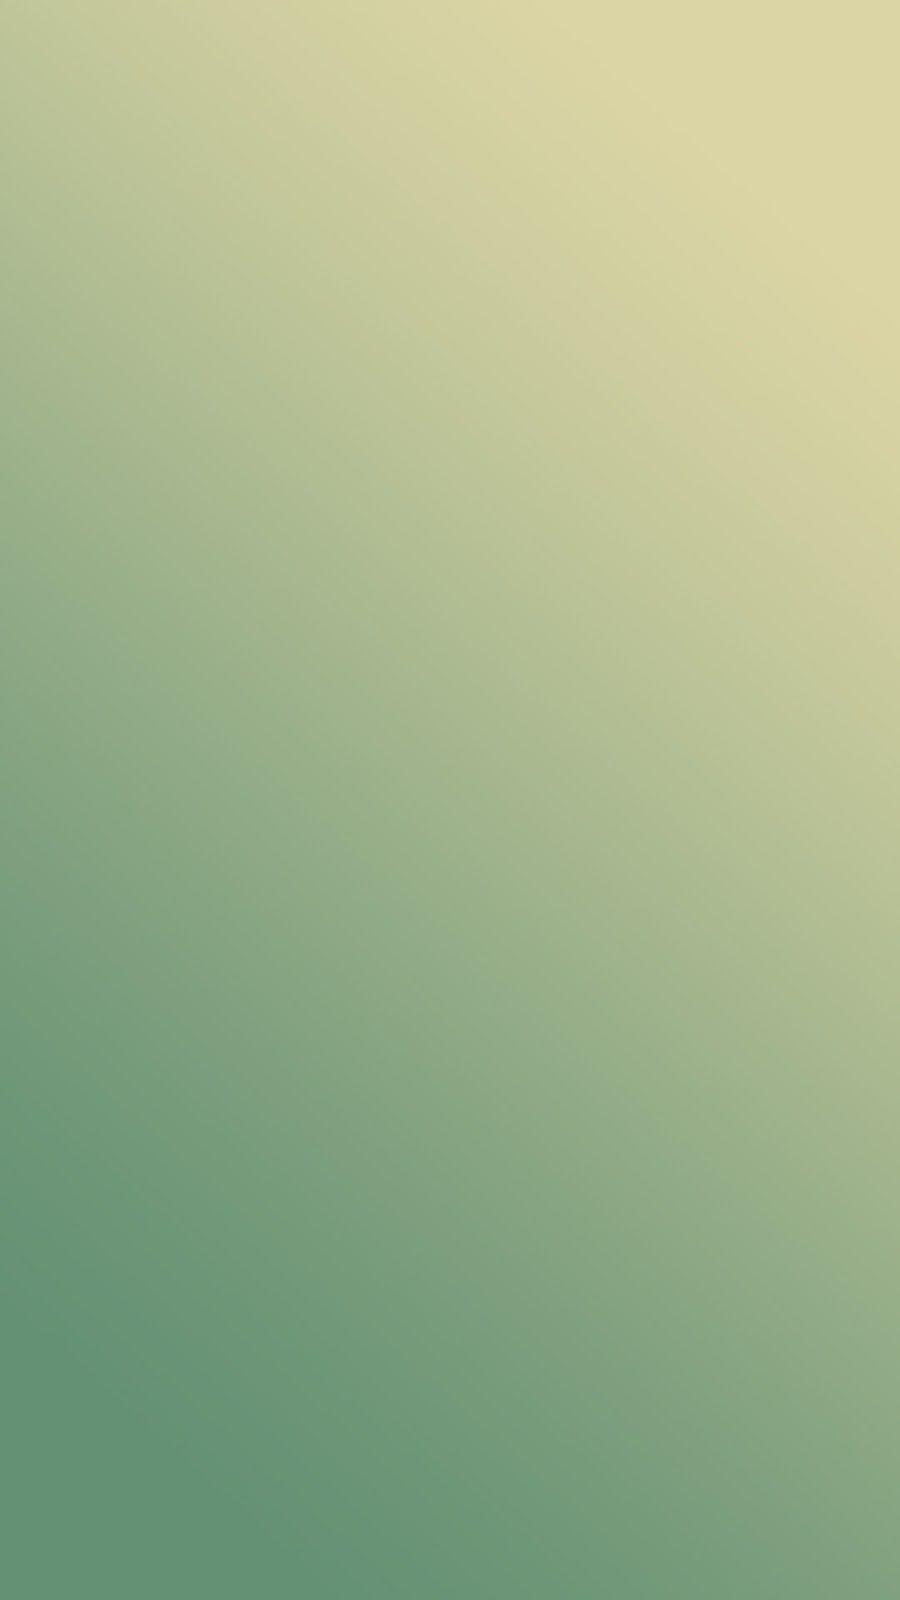 تحميل خلفيات ايفون 6 بلس الجديدة عالية الدقة مداد الجليد Gold Wallpaper Iphone Stock Wallpaper Wallpaper